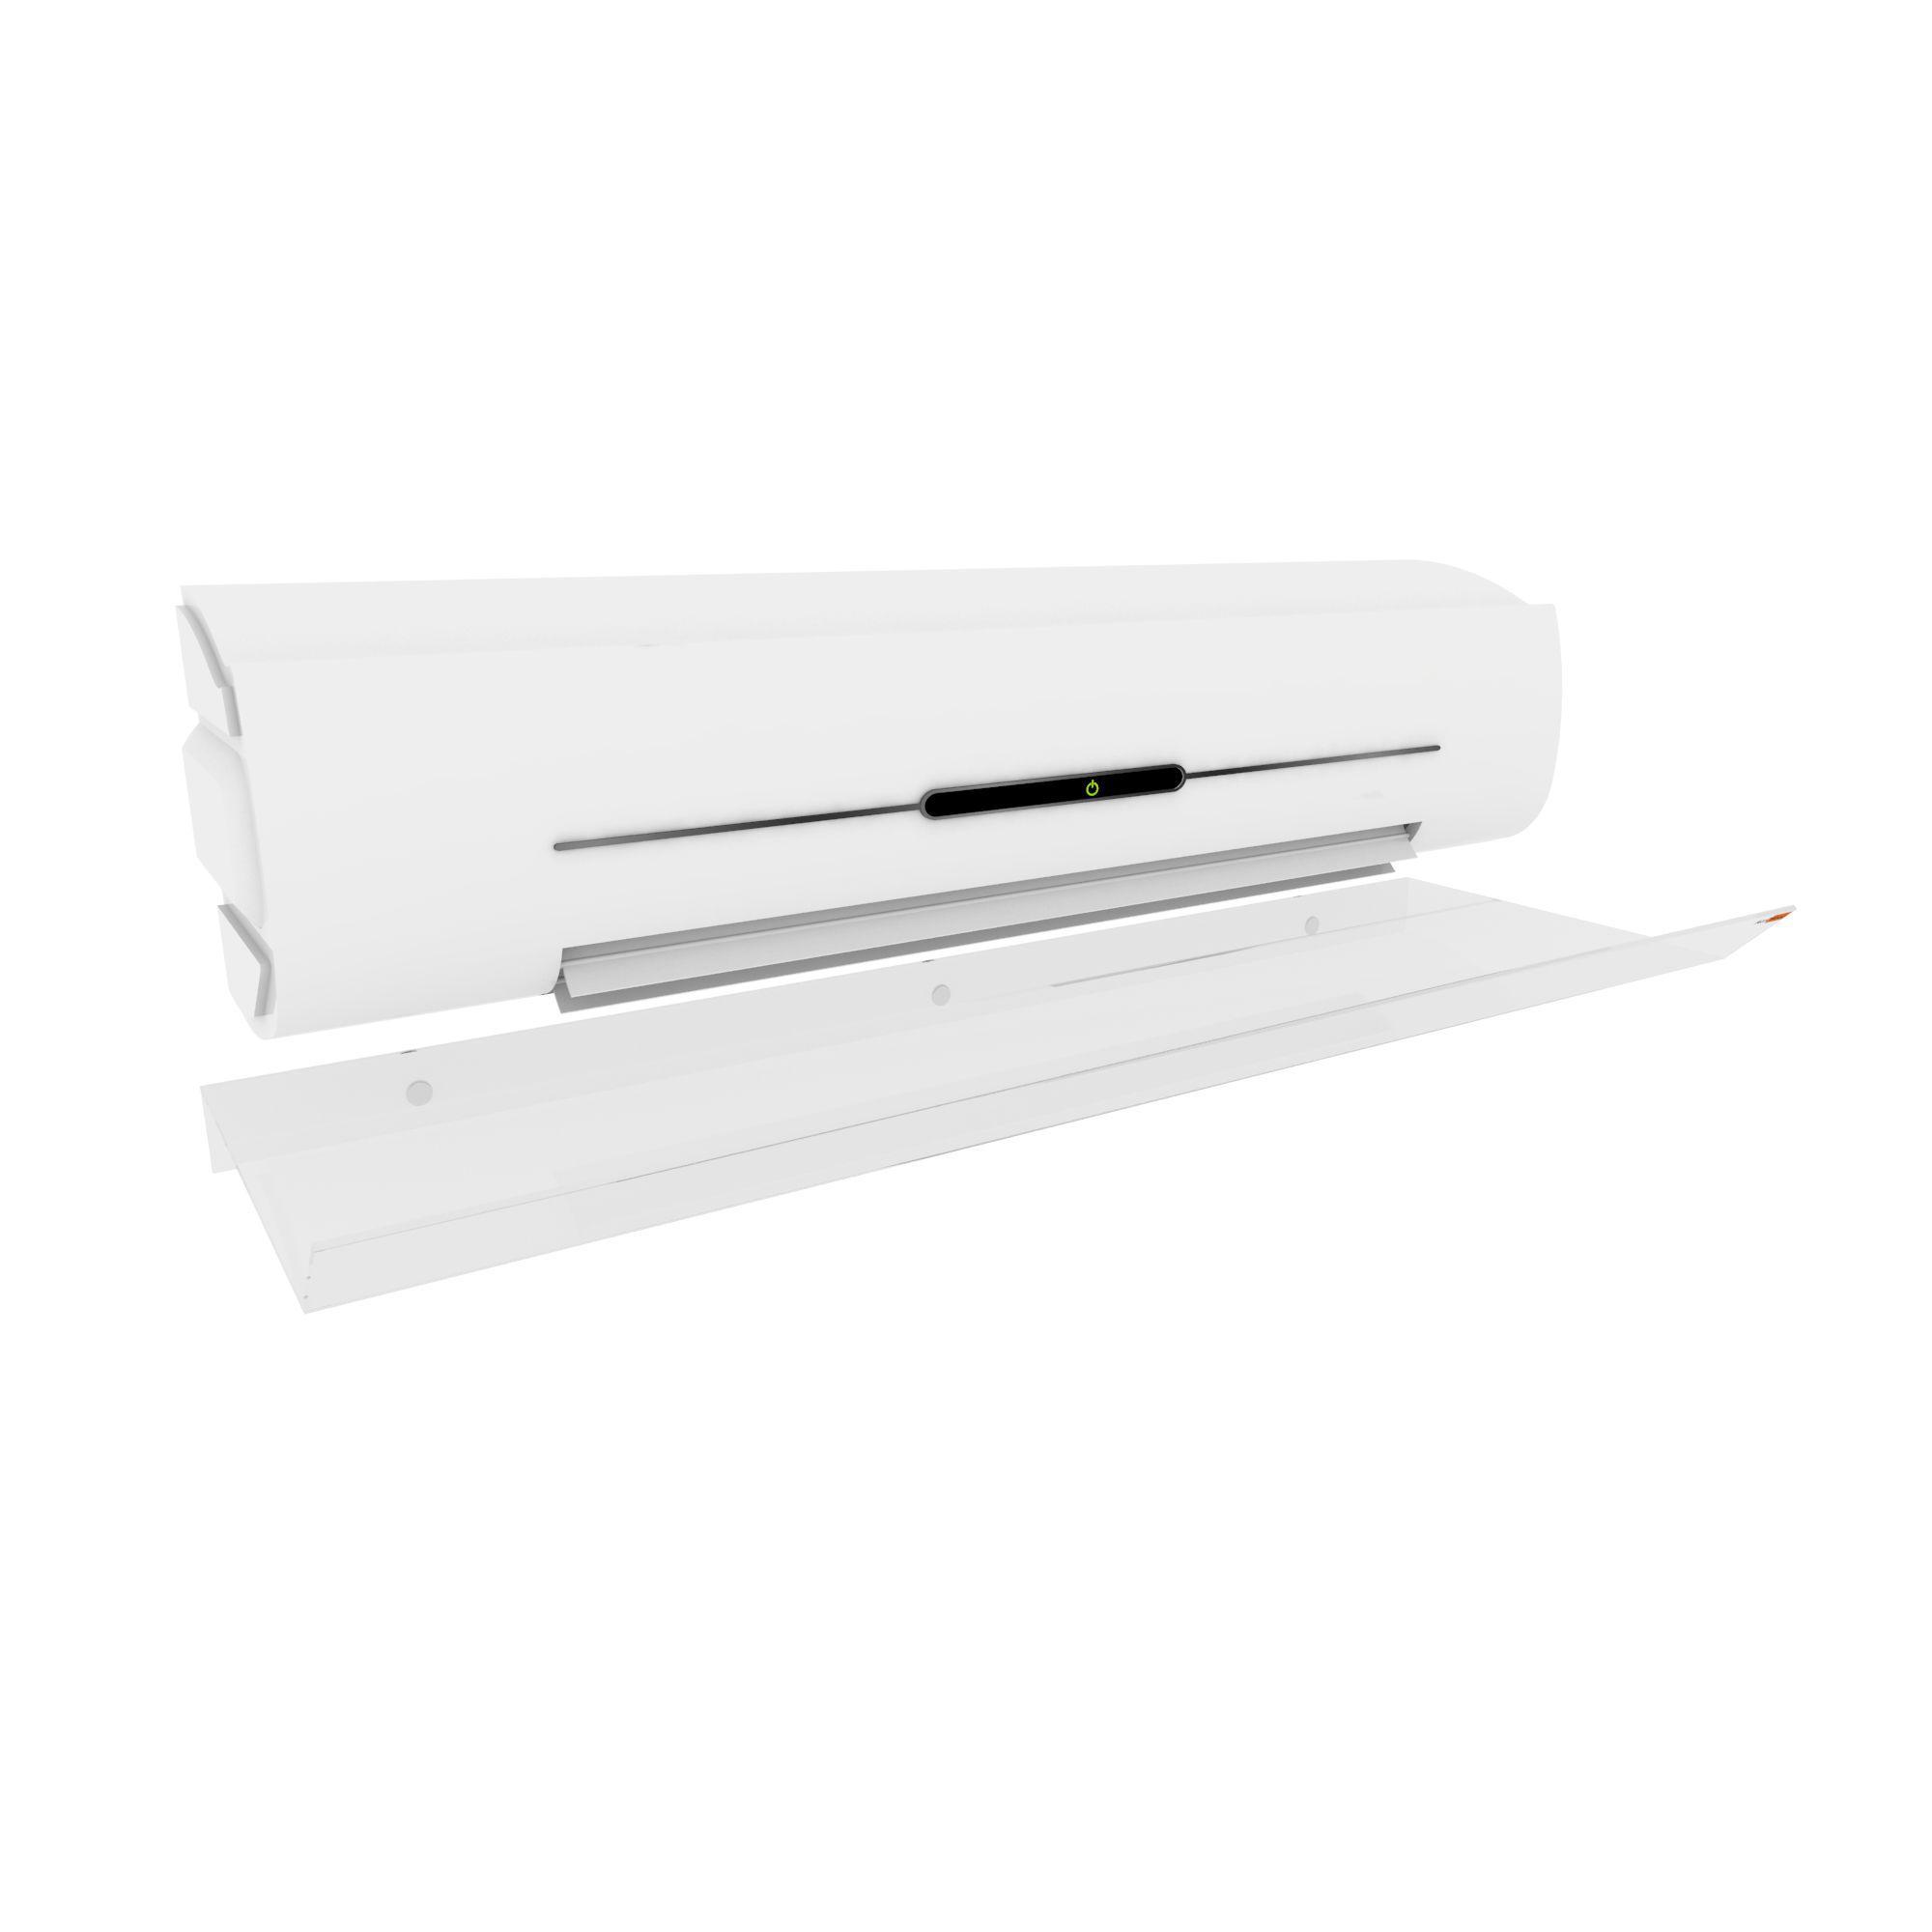 Defletor Em Acrílico Para Ar Condicionado Split - 100cm